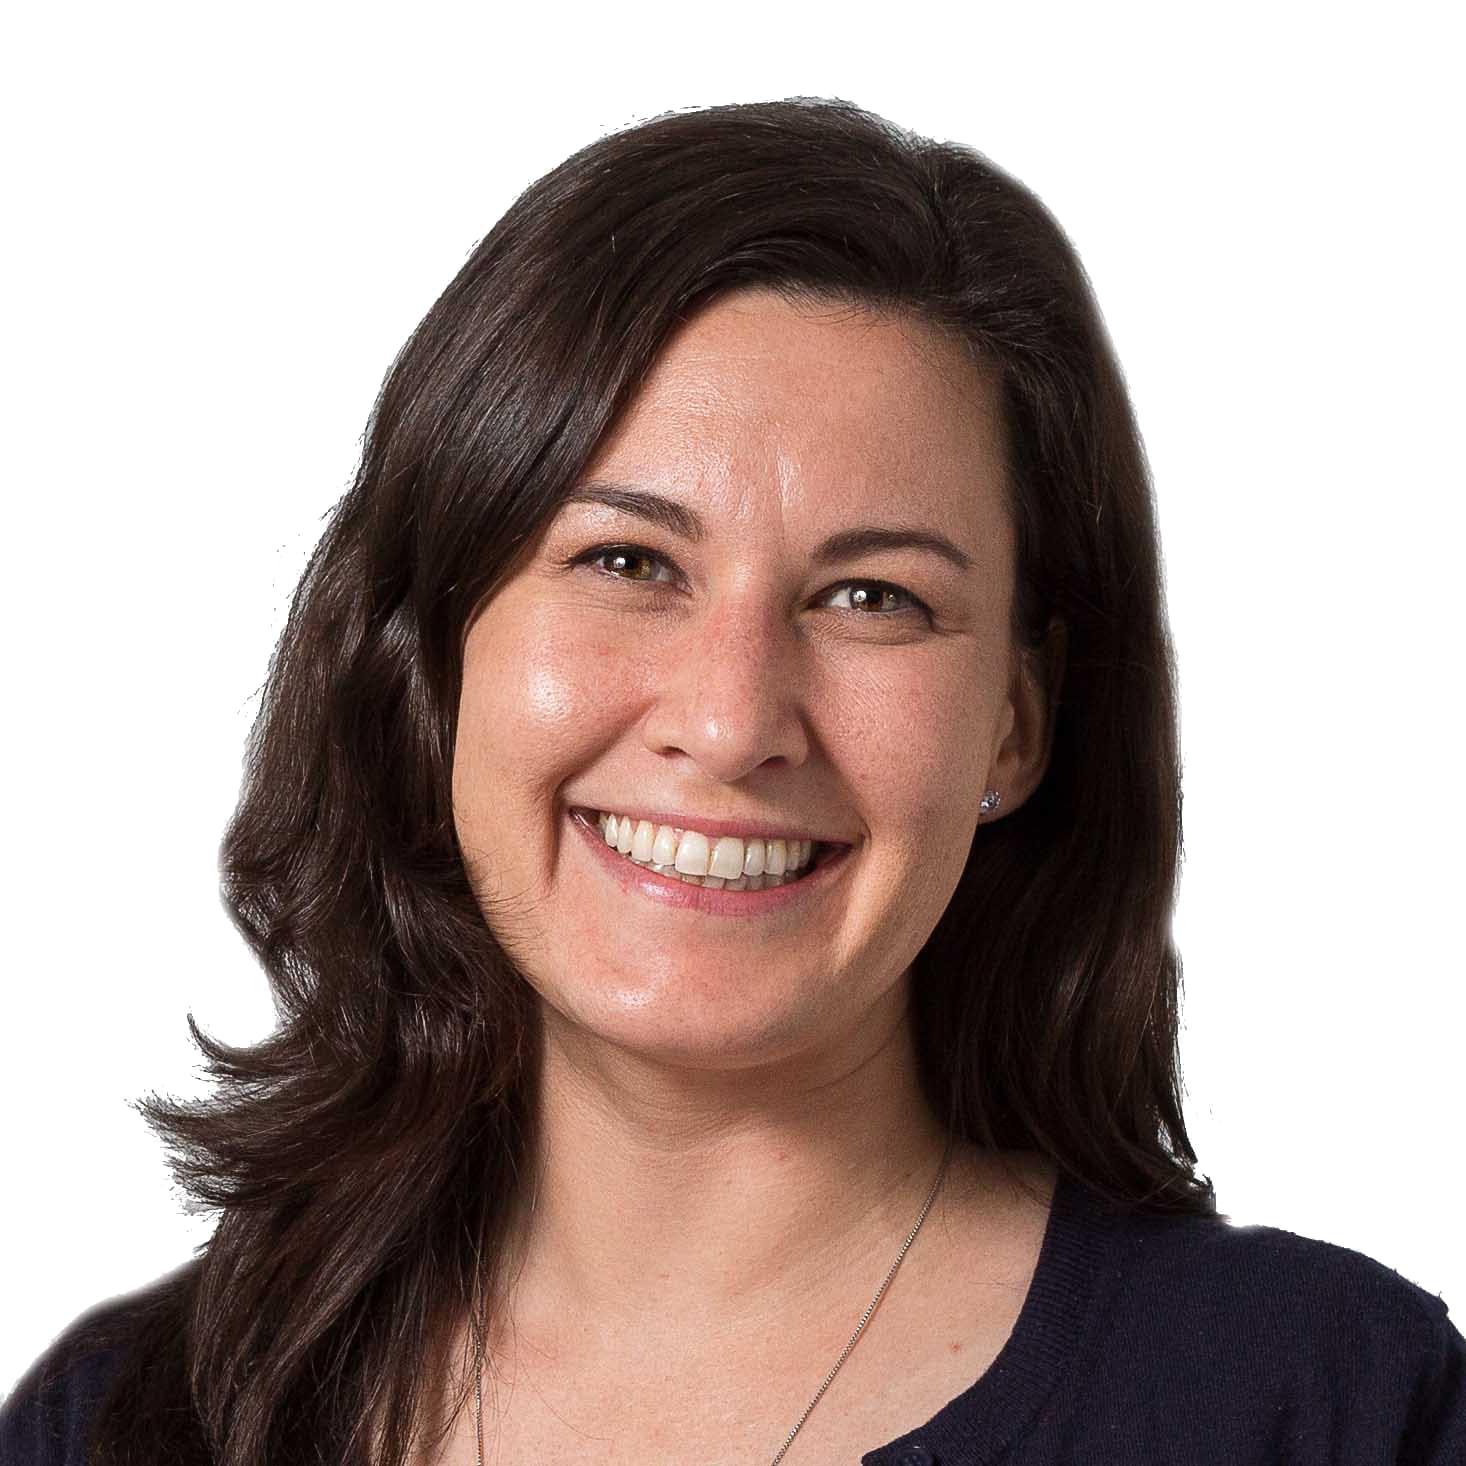 Colleen O'Riordan - CAO